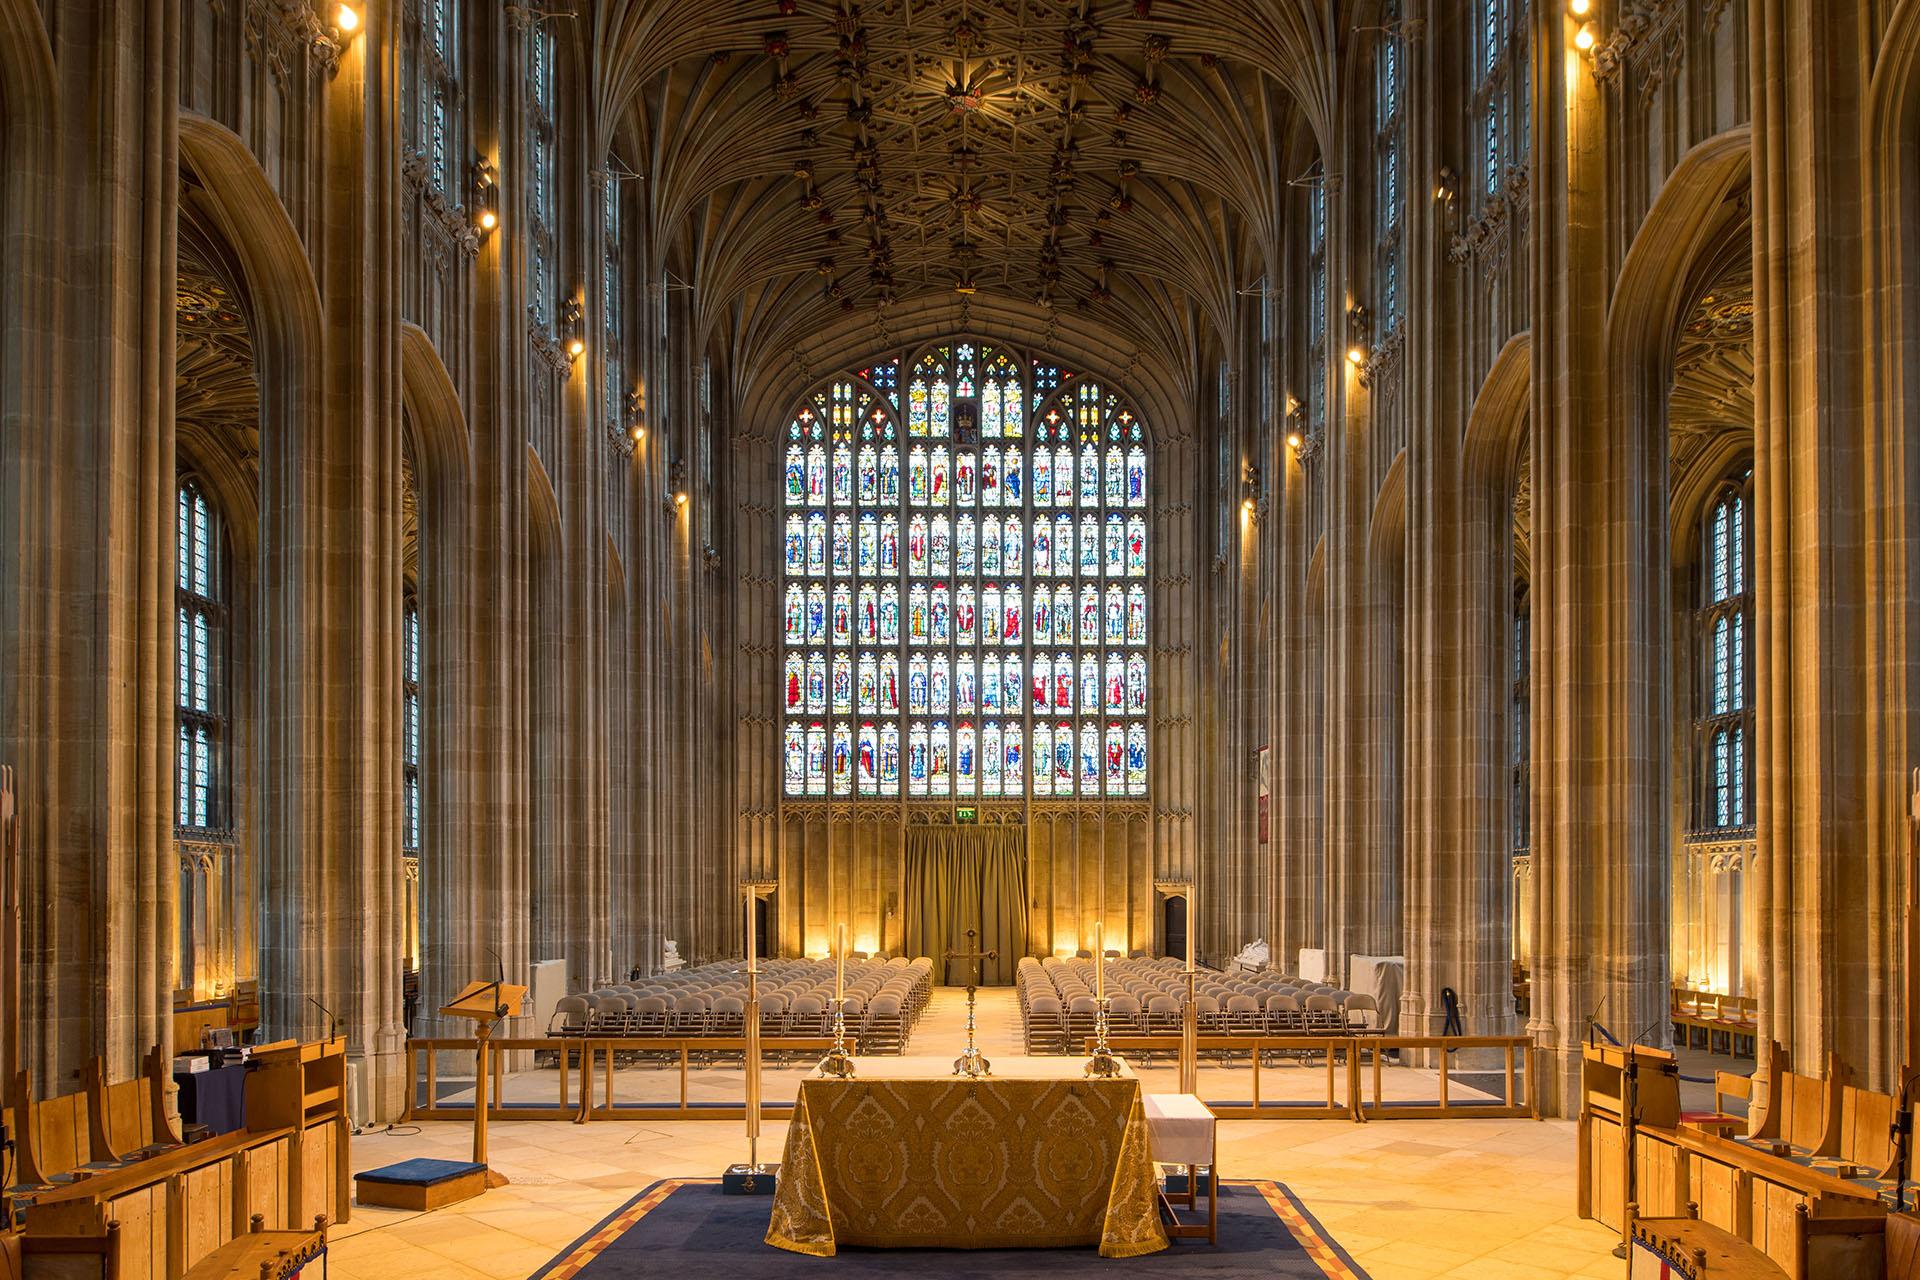 Palacio Real anunció que 600 personas fueron invitadas a la ceremonia de boda, que se celebrará en la capilla de San Jorge